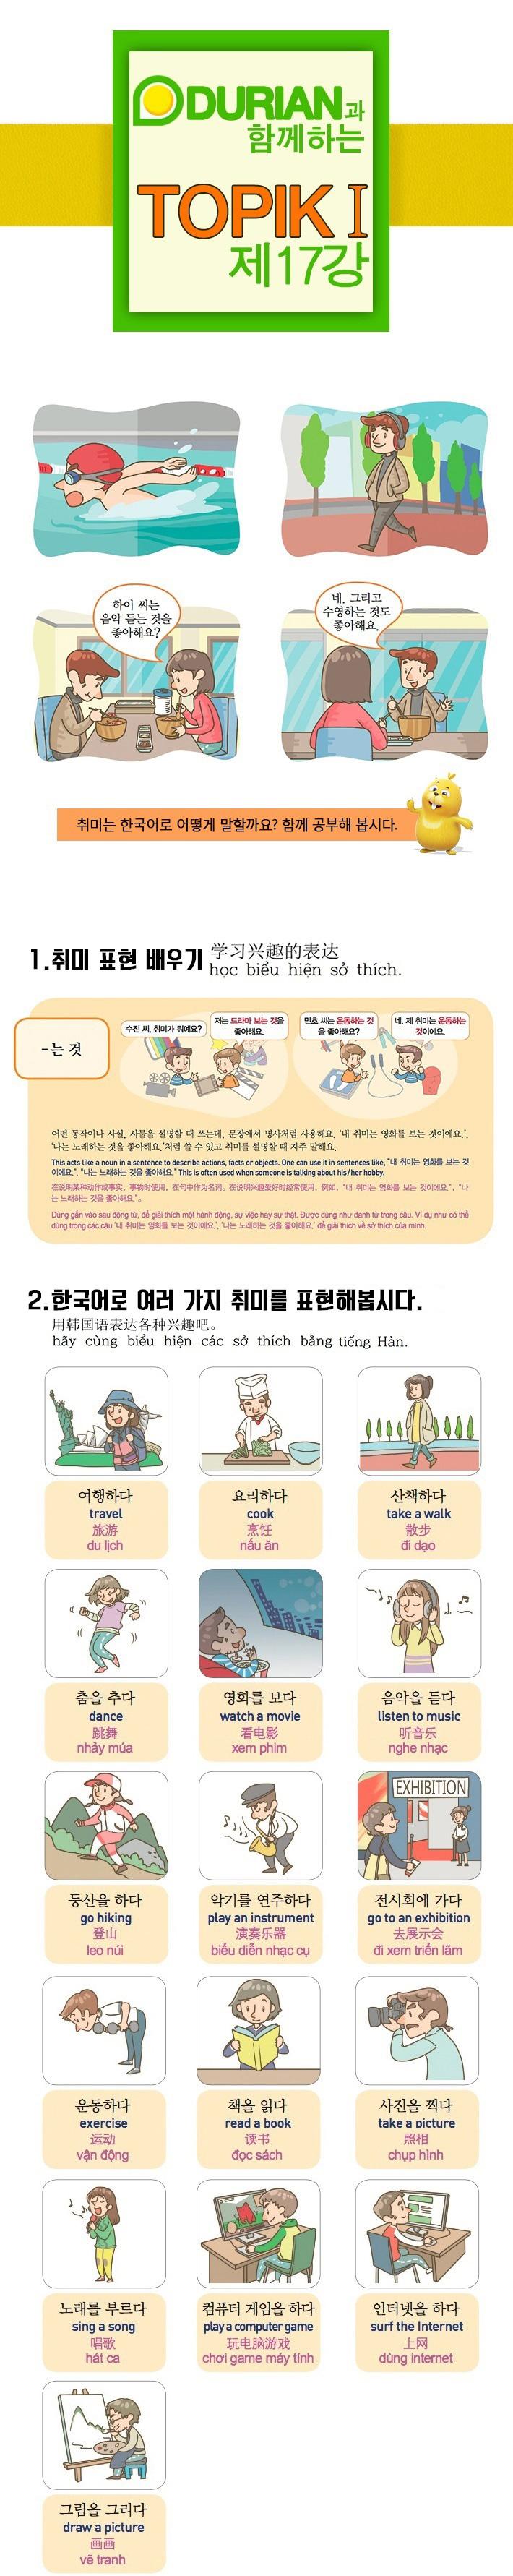 두리안과 함께하는 TOPIK 1 제 17강